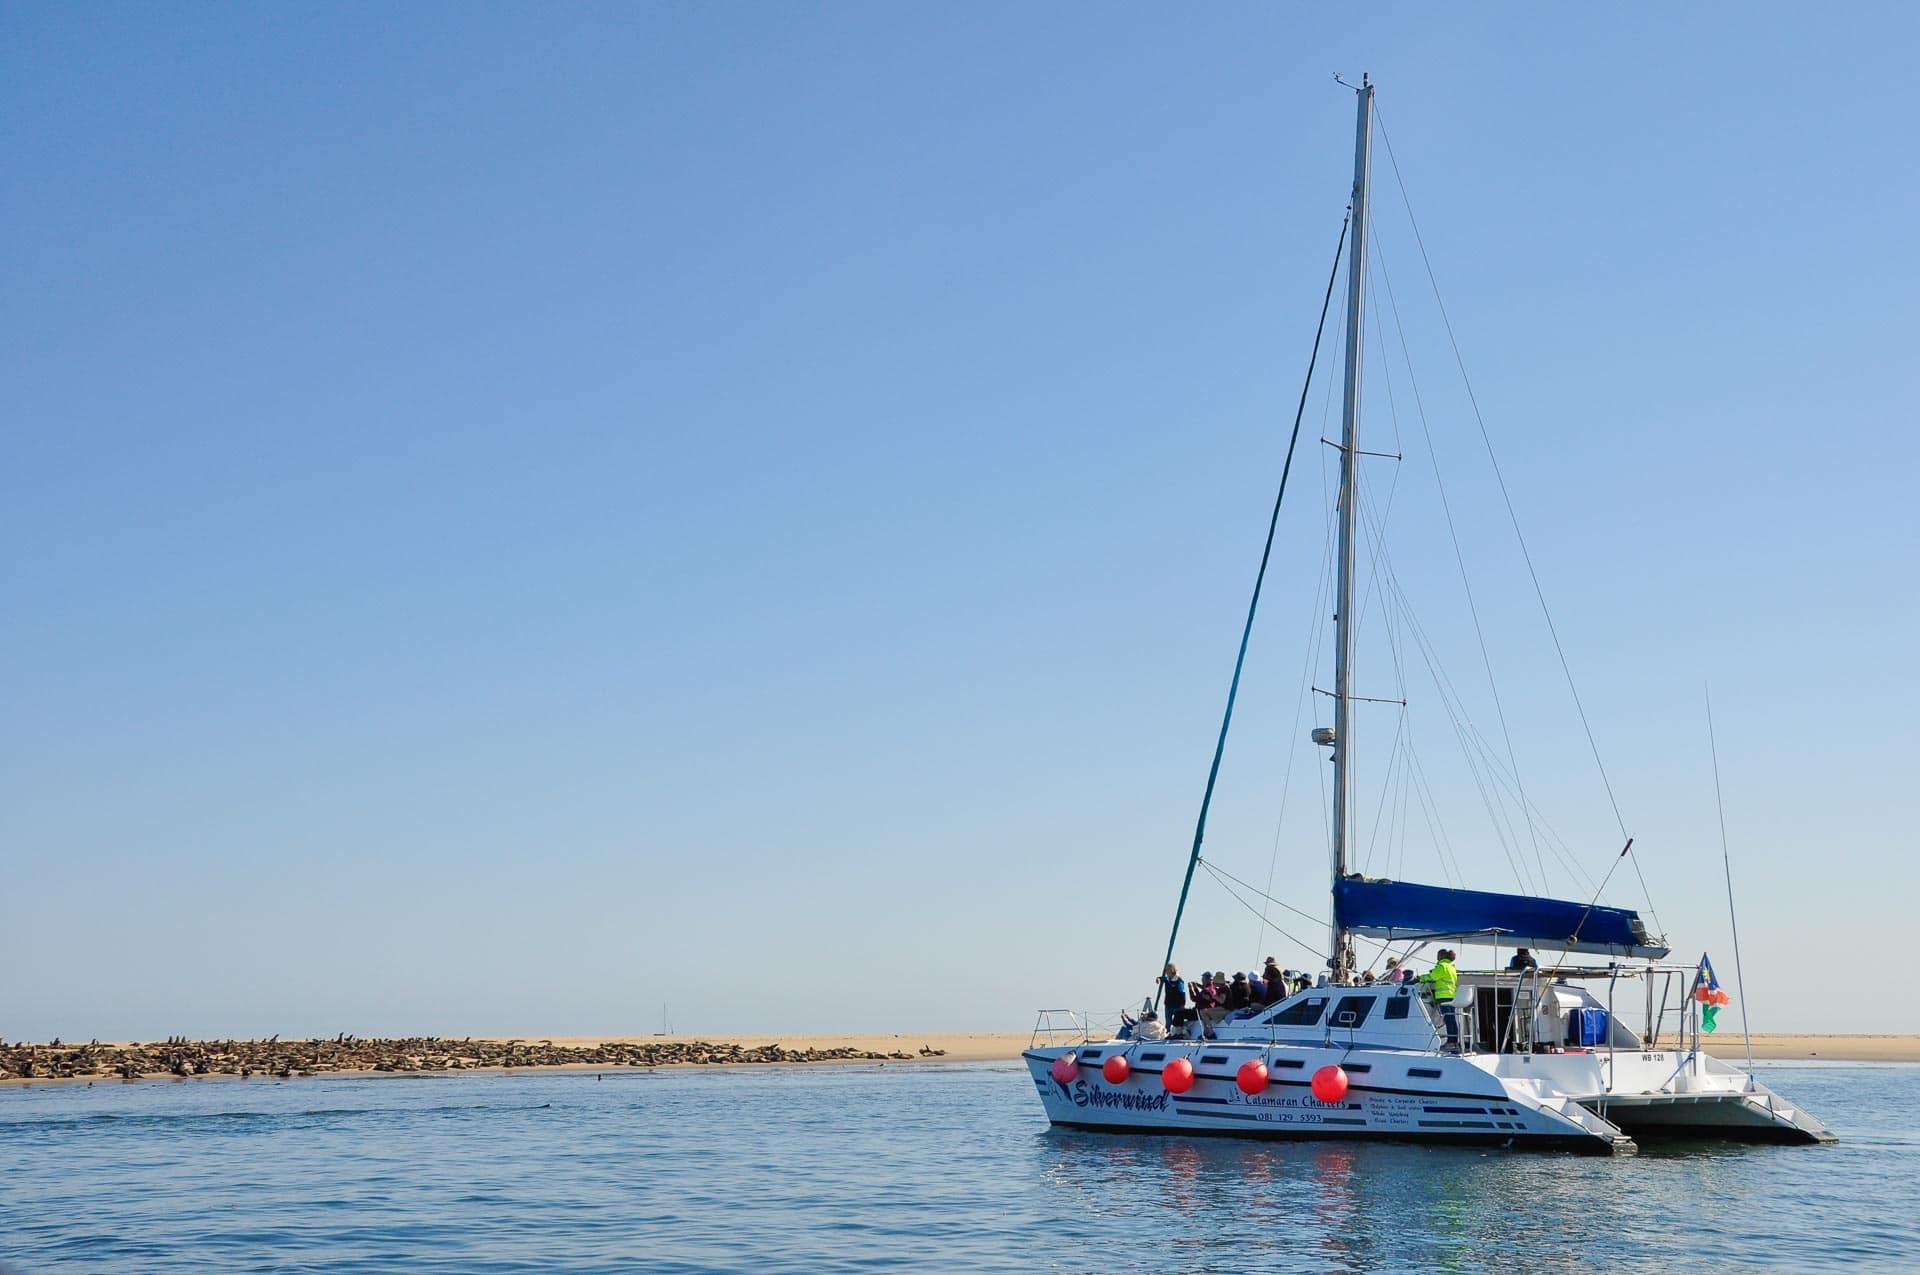 Swakopmund-Catamaran-Walfish-Bay-Namibia-Globetrotter-Select-17